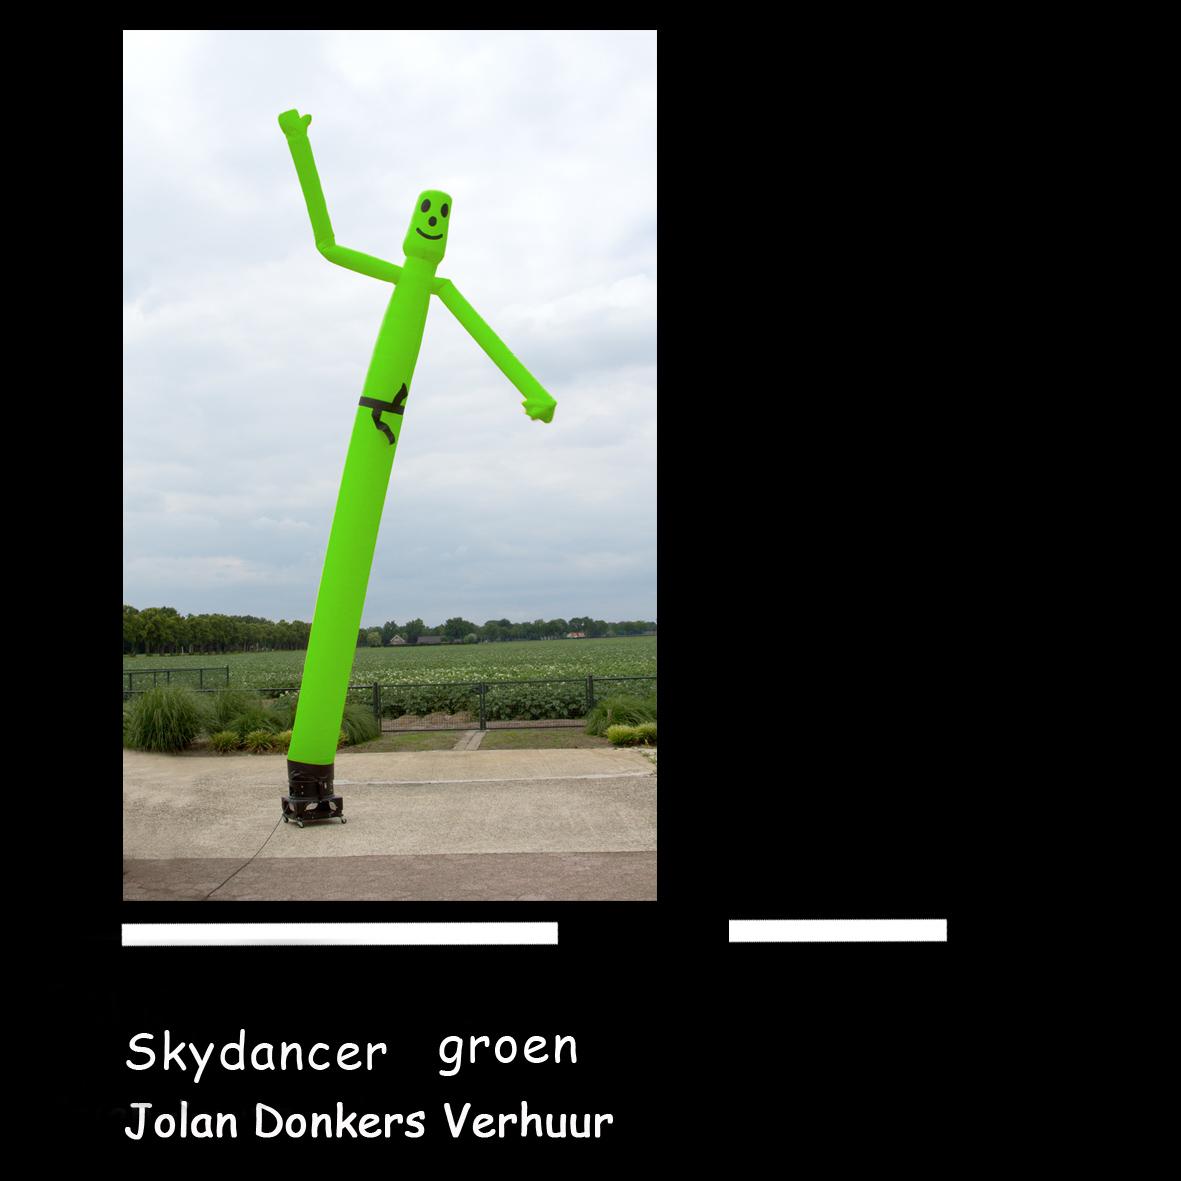 skytube groen 1